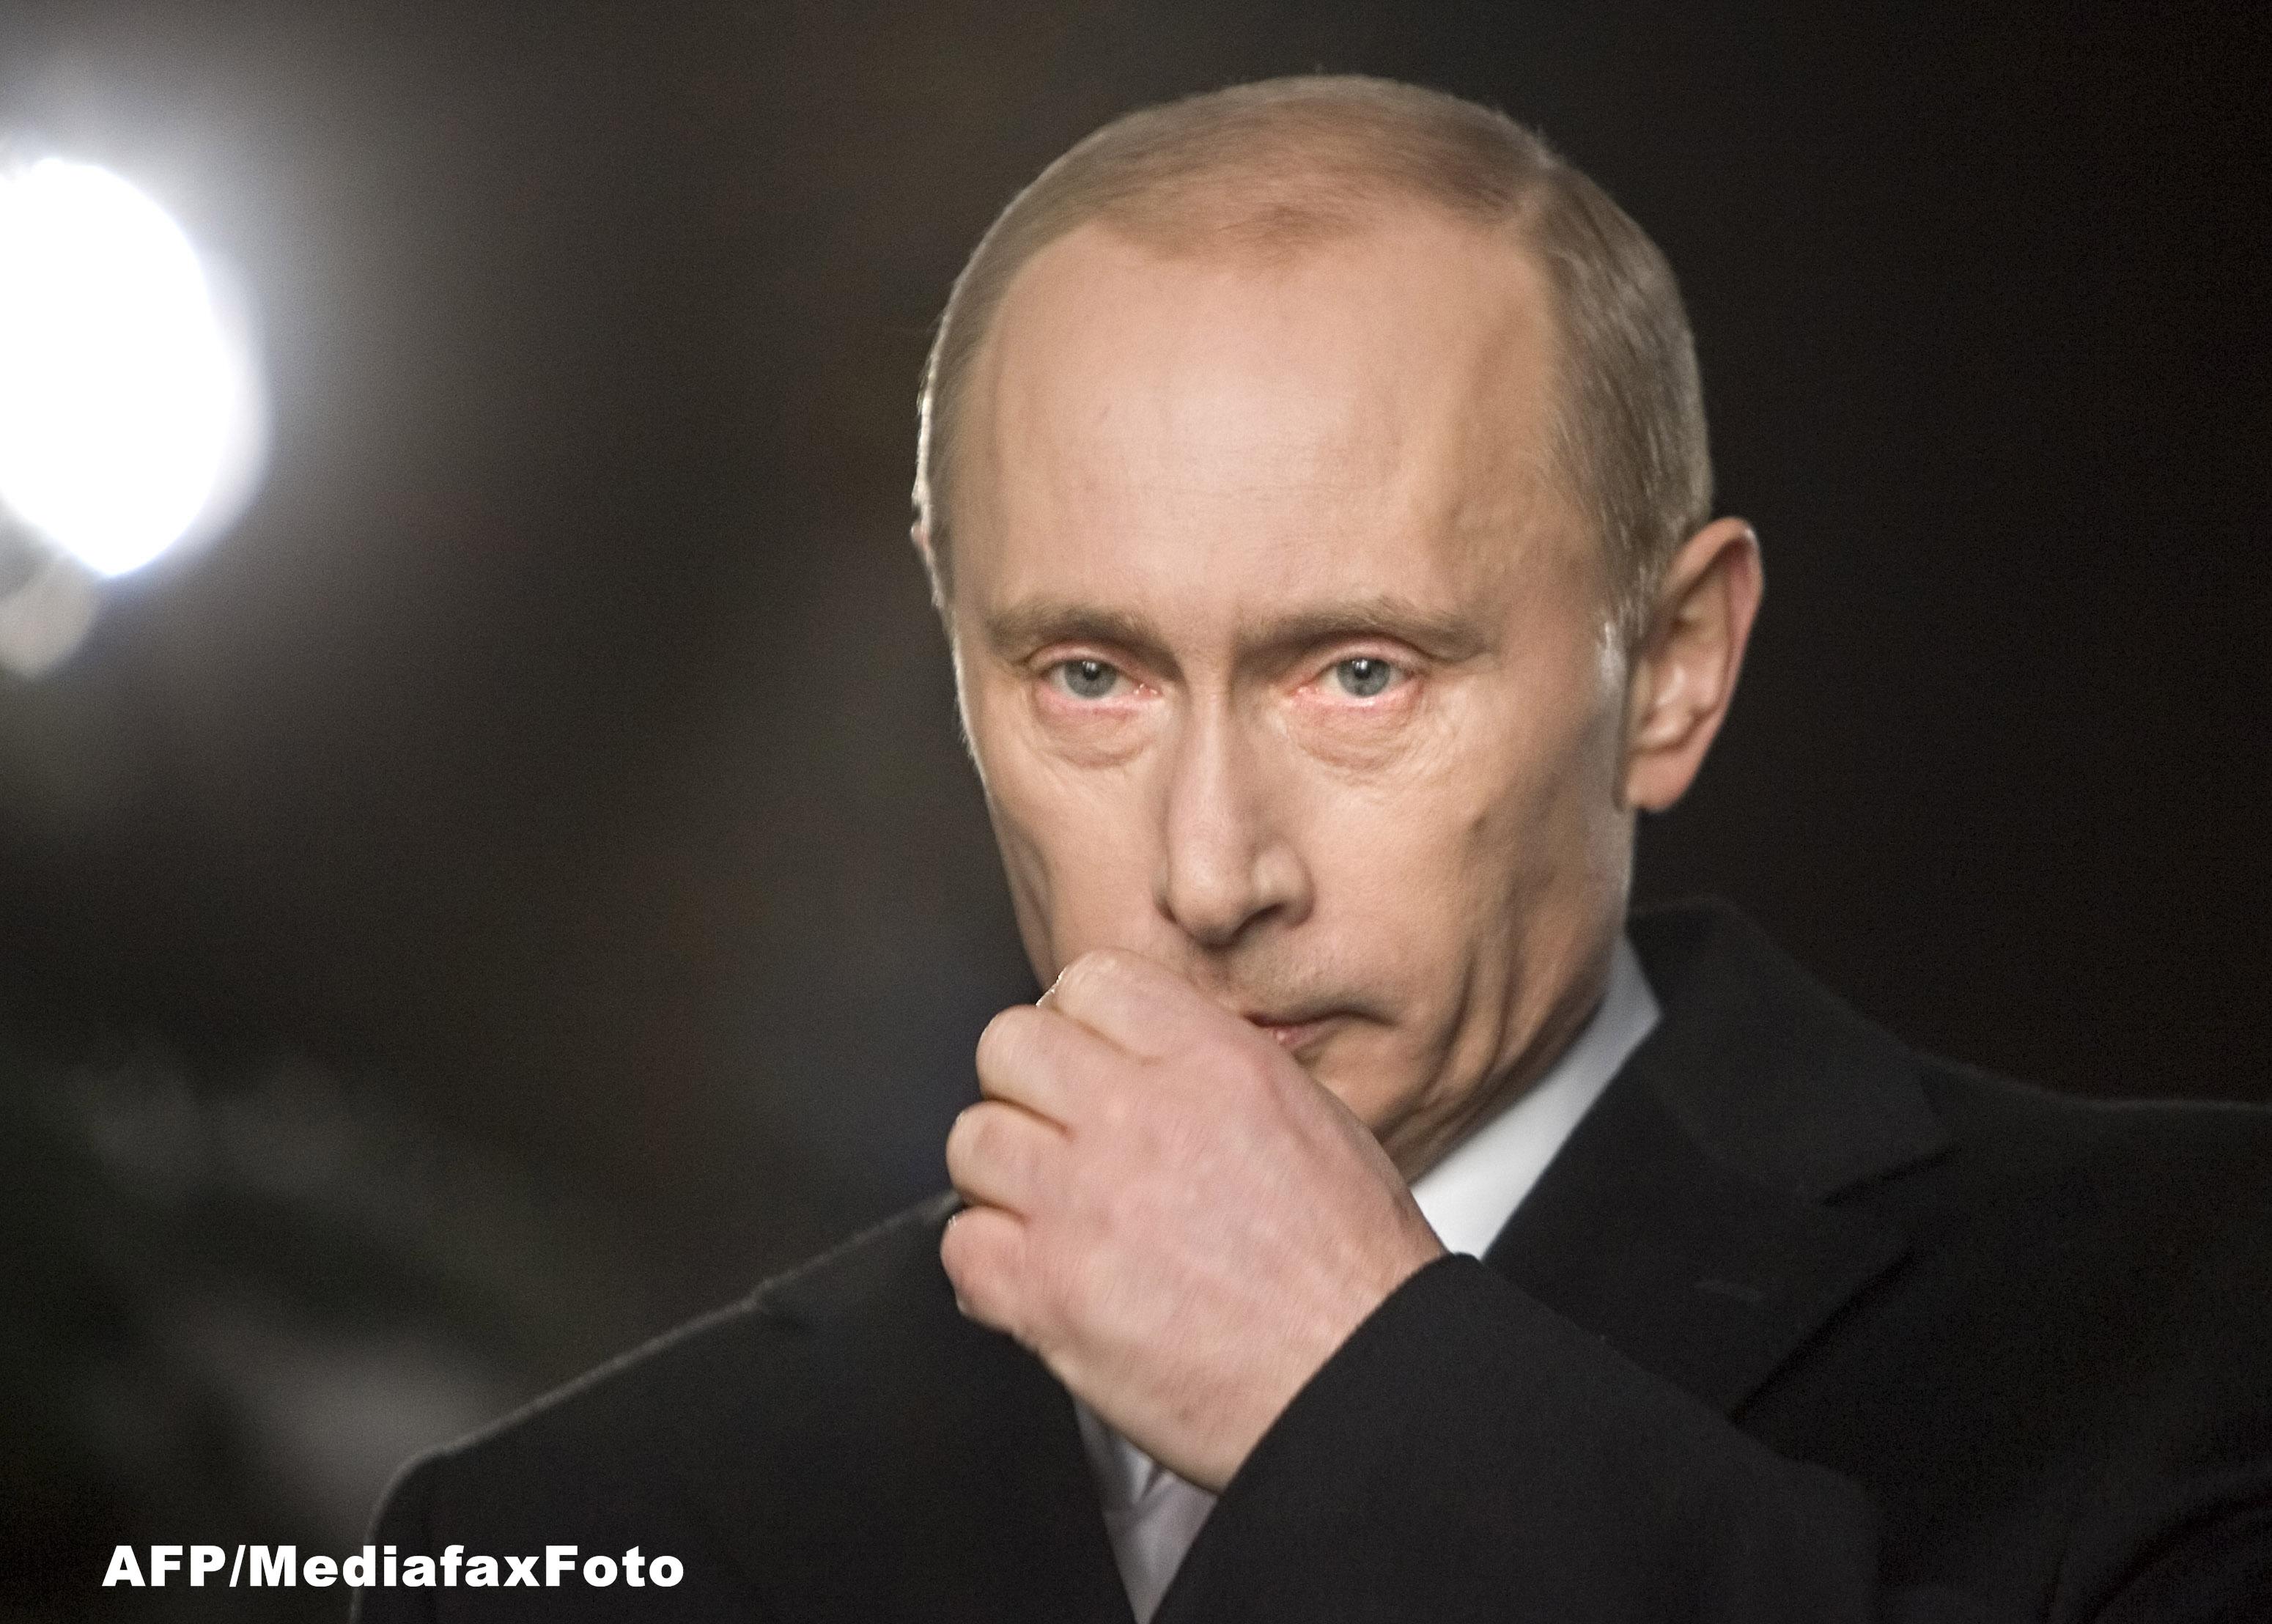 Cadourile otravite ale Rusiei.Liderii de la summitul G20 au primit USB-uri cu virusi care ii spionau